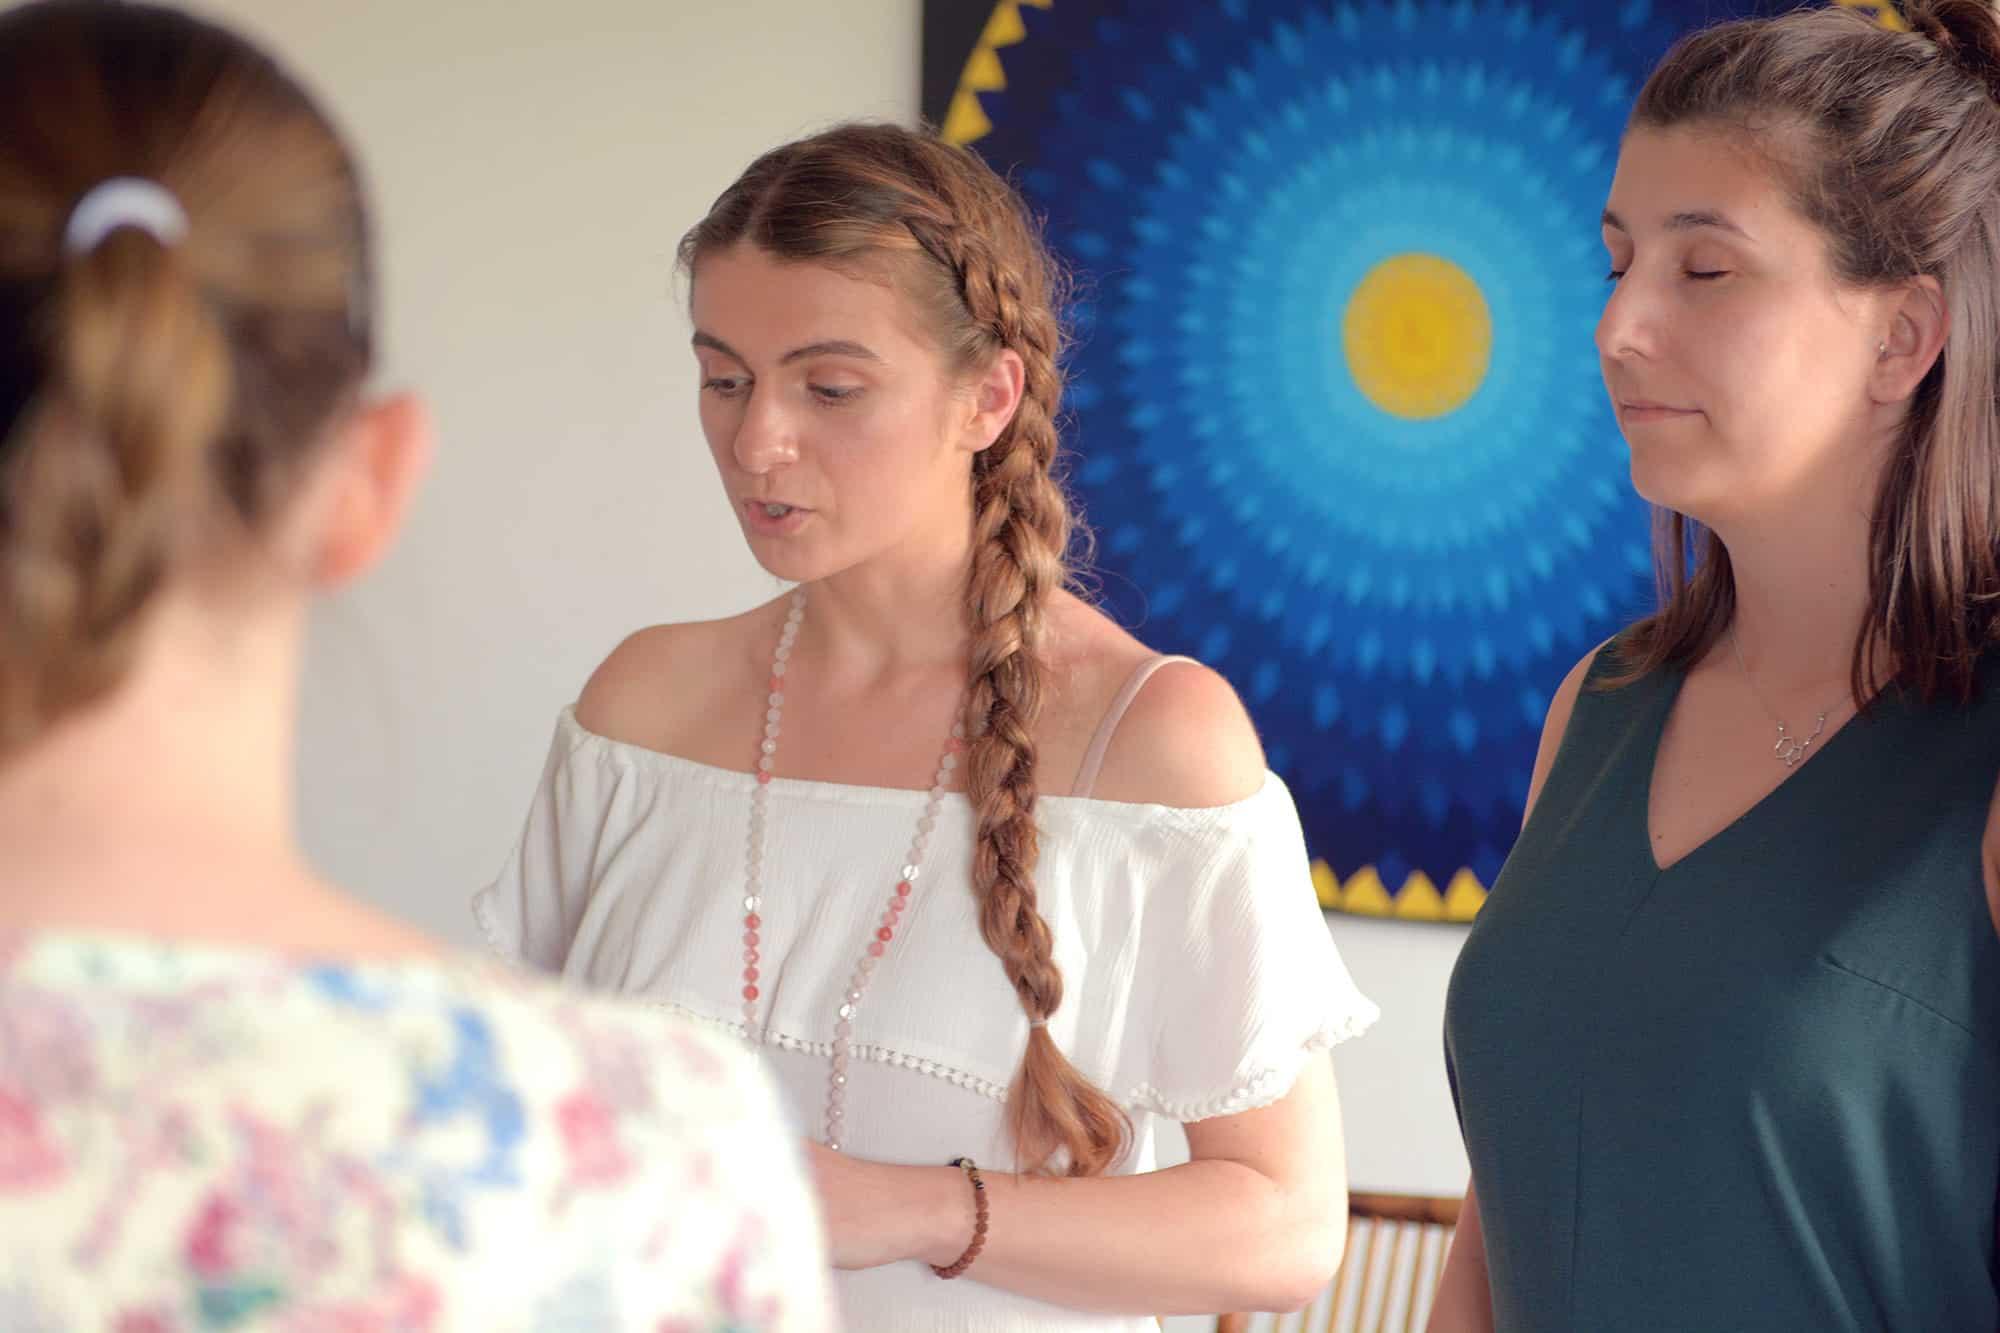 Petra Cutuk Vjeruj Traži Manifestiraj Zdravlje Meditacija Vježbe Disanja Samopouzdanje Posao Sreća Radionice Pozitivne Misli Zasu